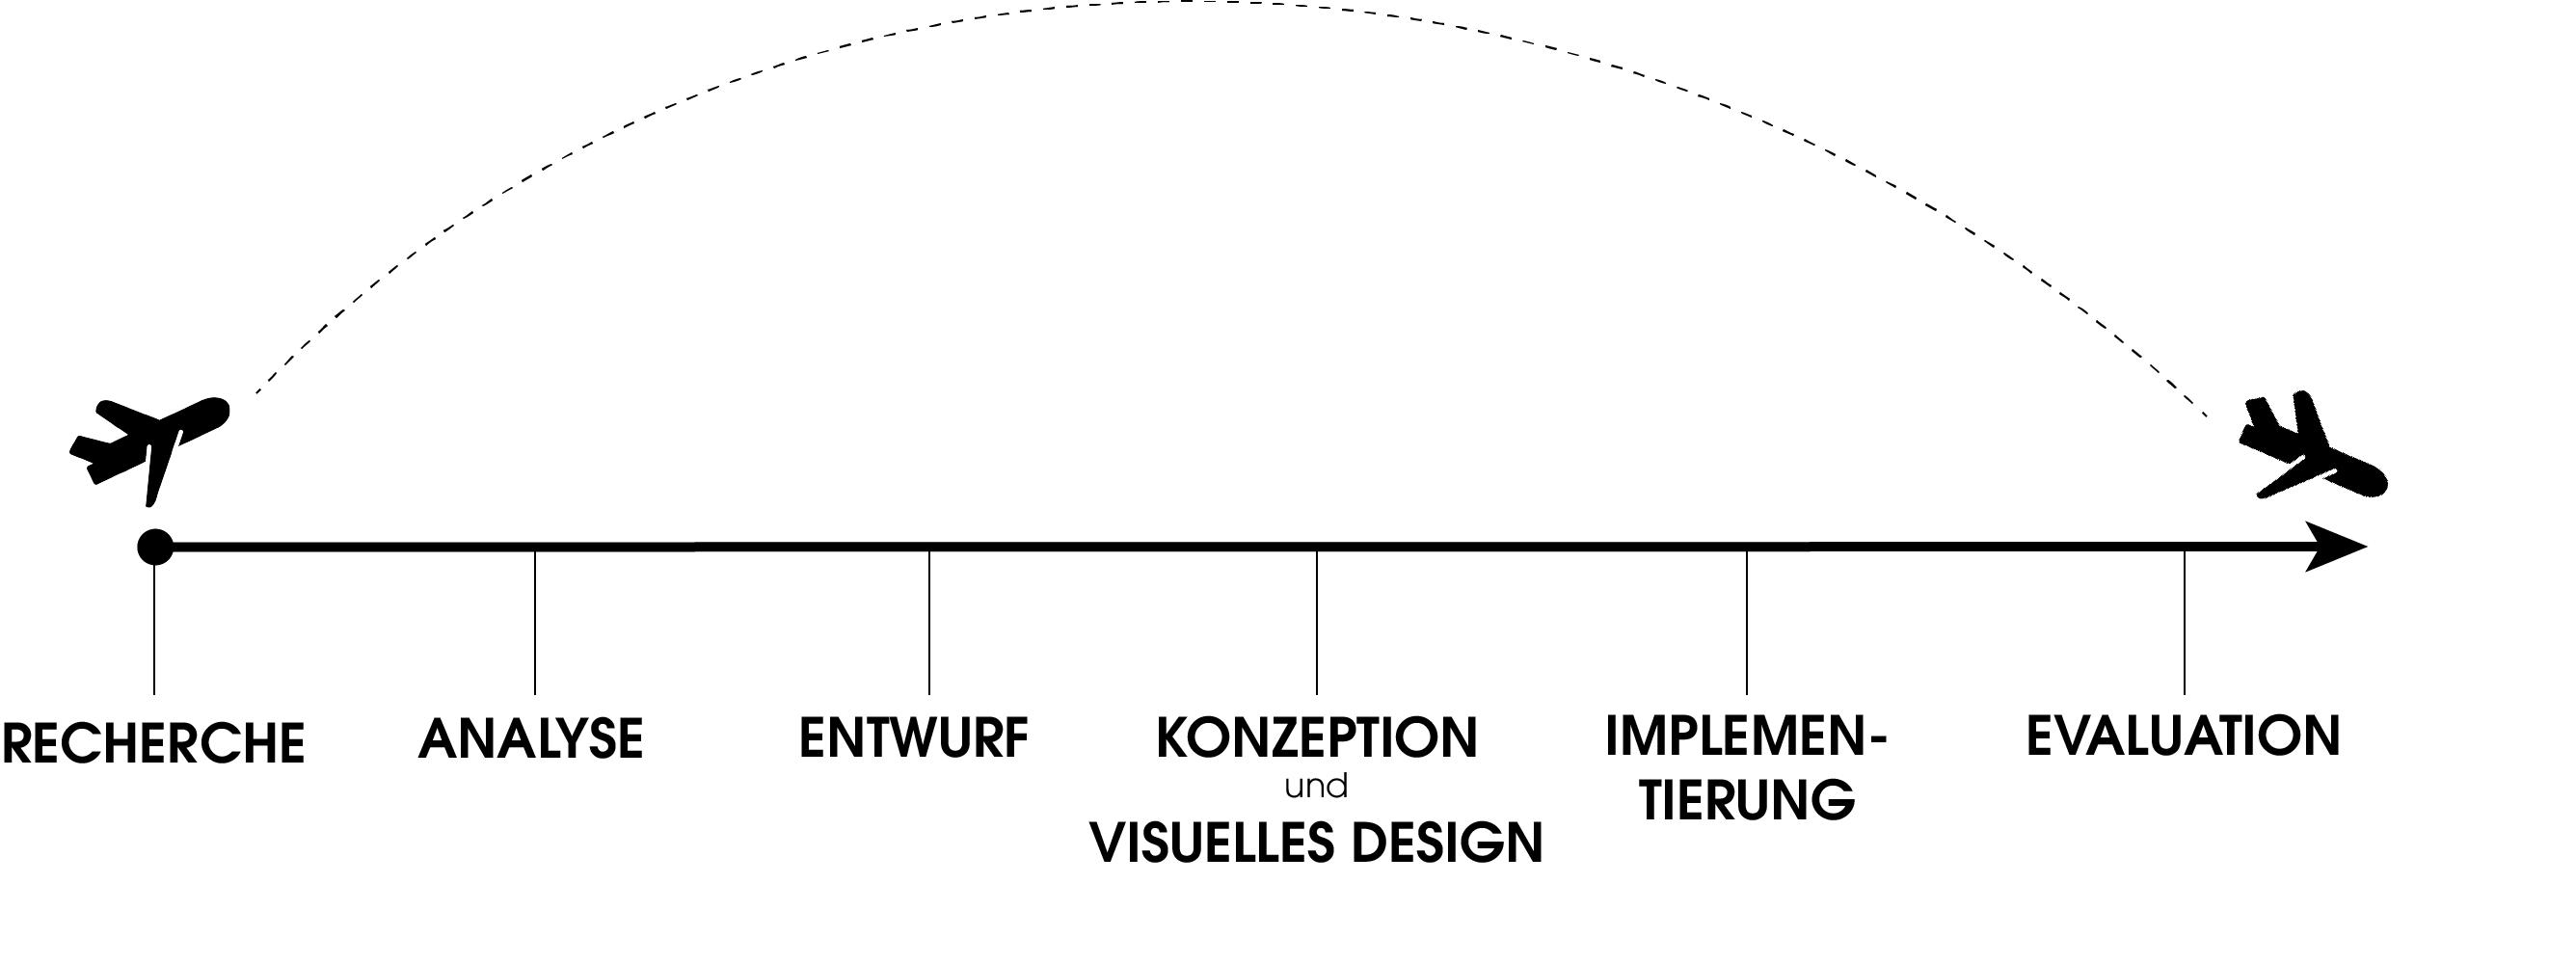 Darstellung der Designphasen des UX Prozesses in Form eines Zeitstrahls. Zu Beginn des Zeitstrahls steht die Recherche. Darauf folgen die Arbeitsschritte der Analyse, der Entwurf, die Konzeption und das virtuelles Design und die Implementierung. Der Prozess wird abgeschlossen mit der Evaluation.